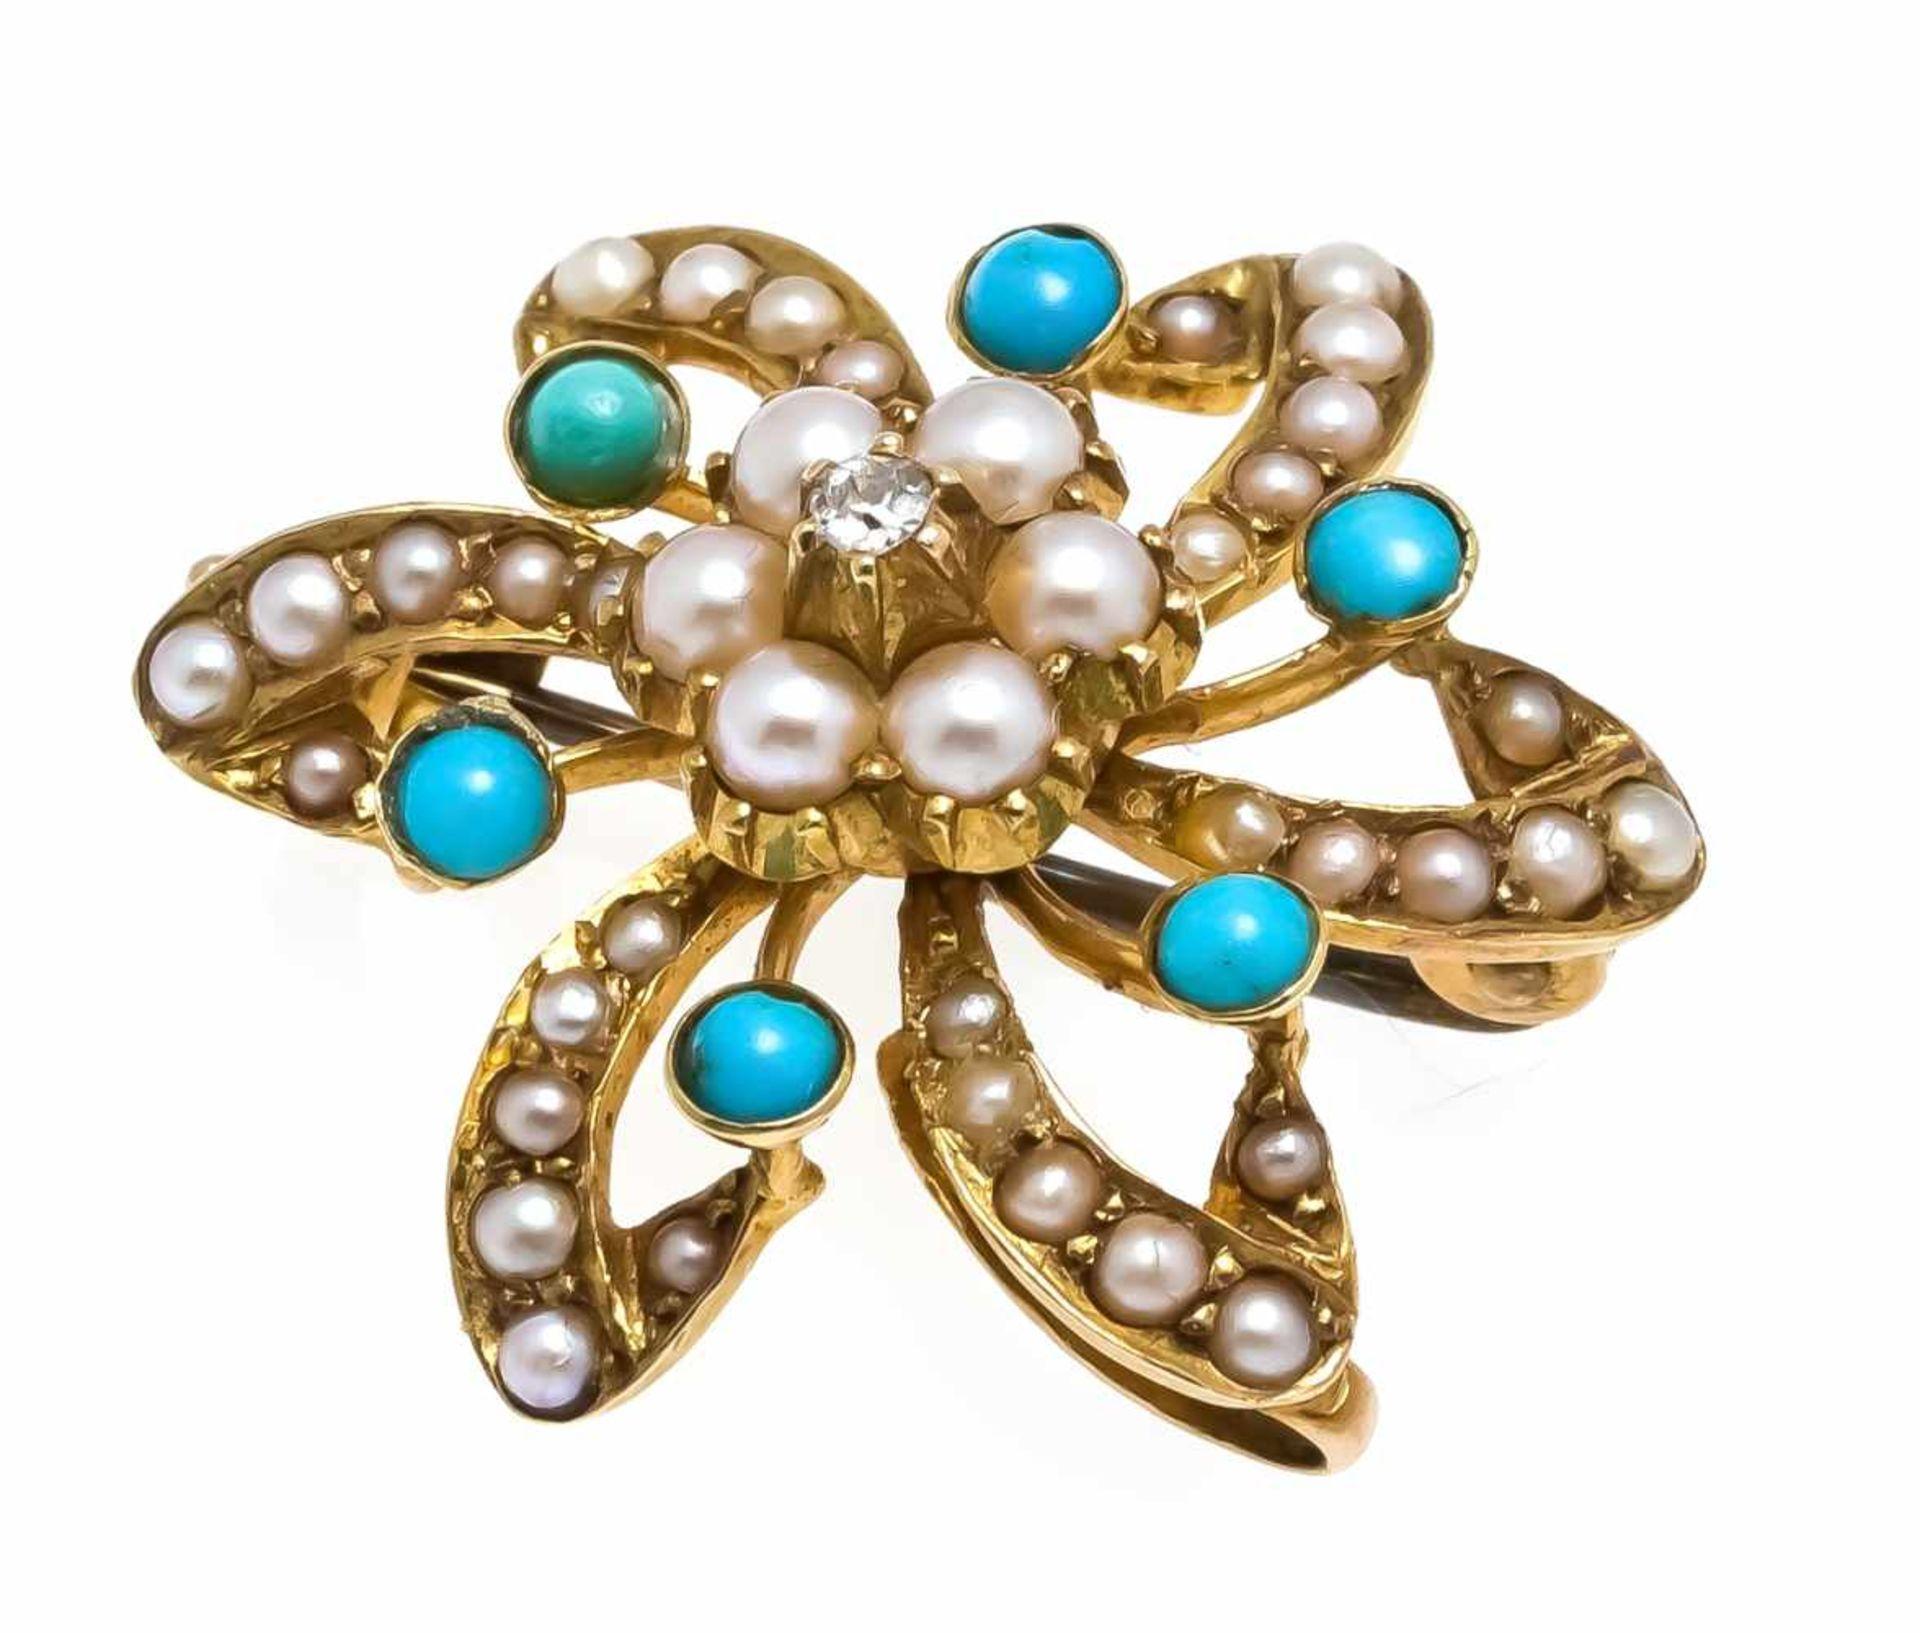 Türkis-Perlen-Diamant-Sternbrosche GG 585/000 ungest., gepr., mit Altschliff-Diamanten 0,02 ct W/SI,